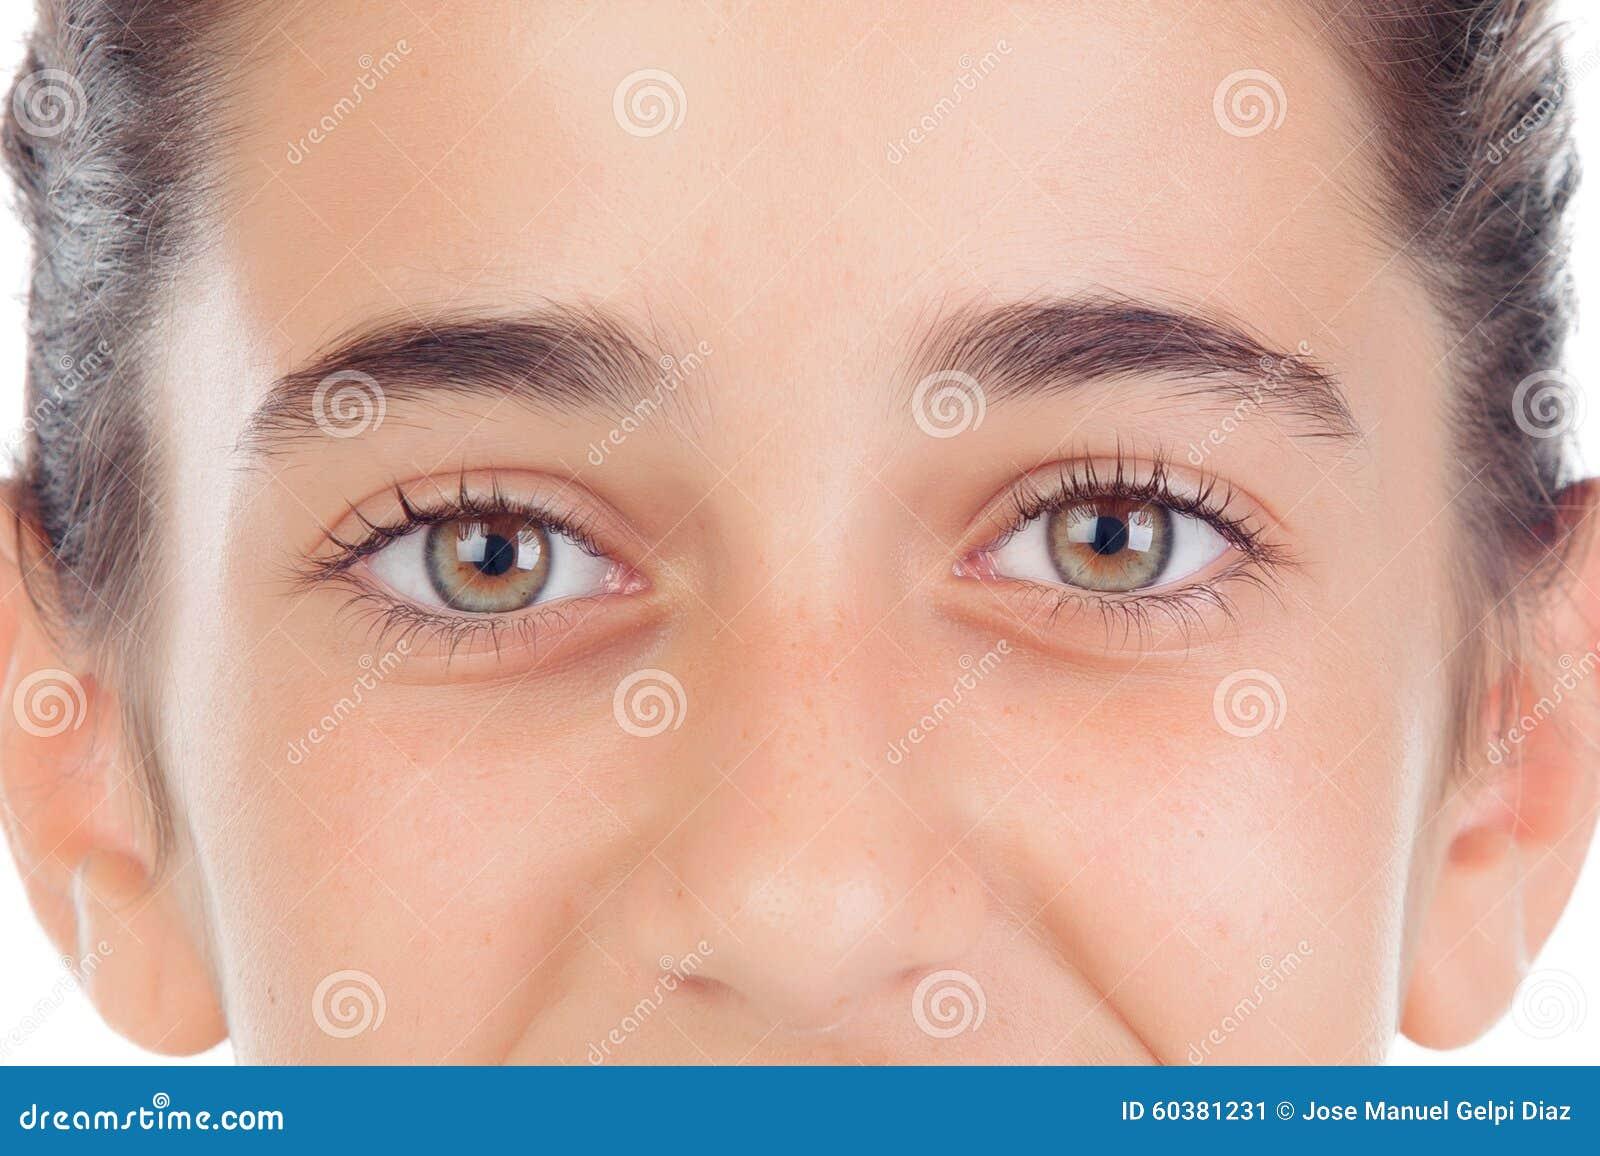 Flirter avec les yeux